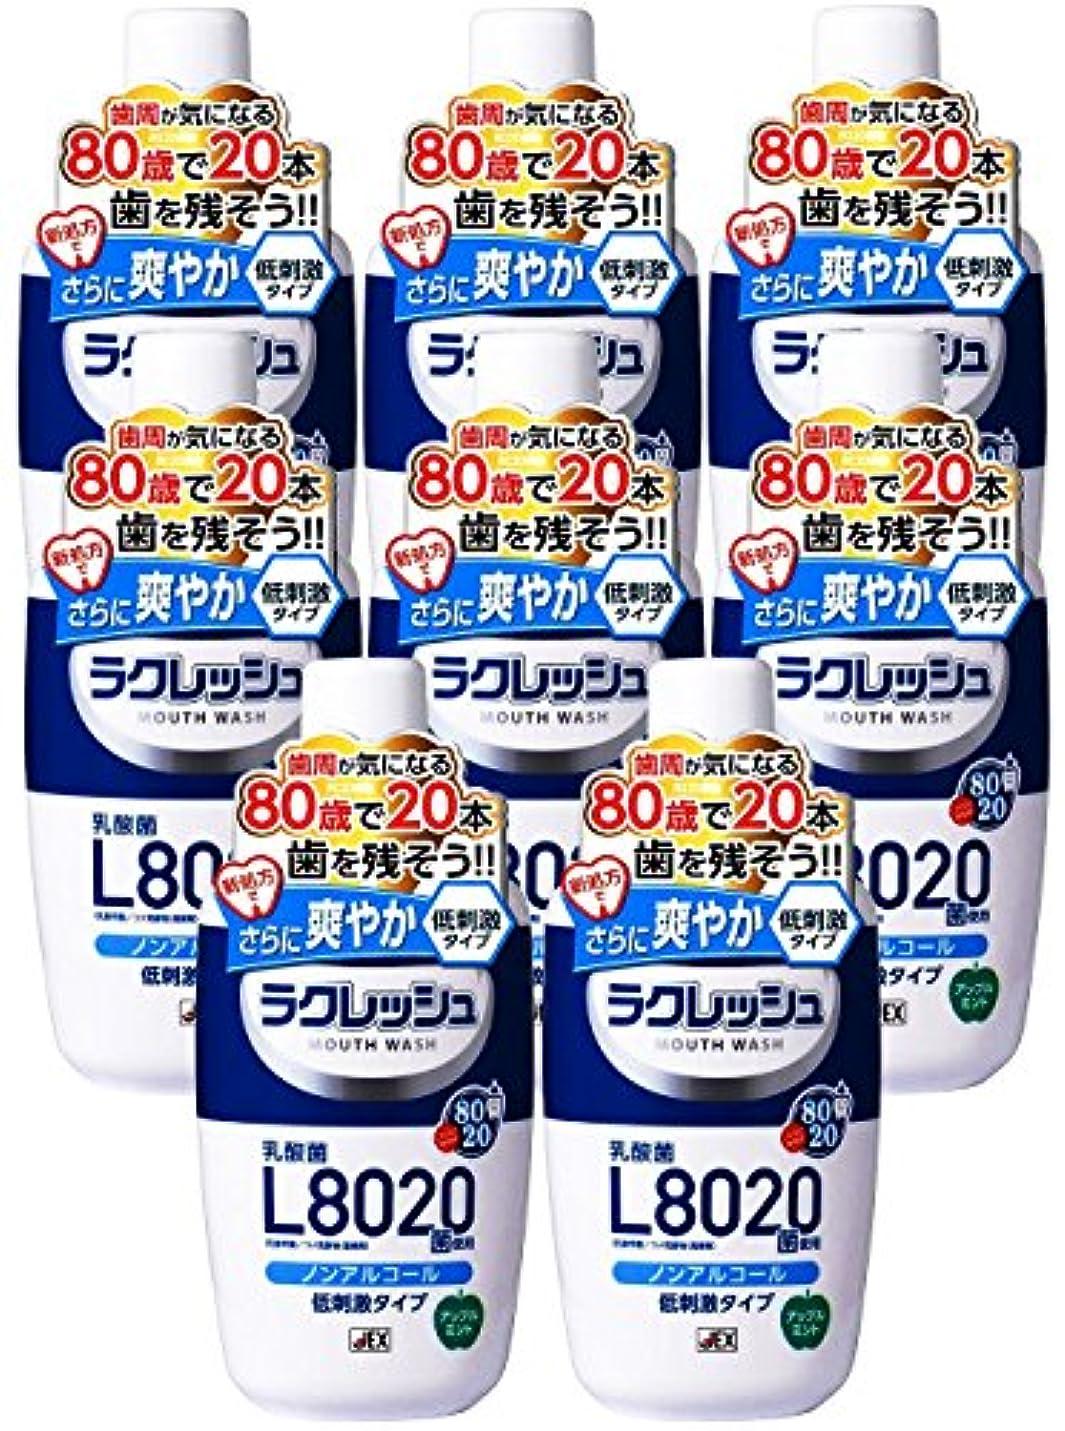 パワーセル廃棄する再開【8個セット】ラクレッシュ L8020菌 マウスウォッシュ